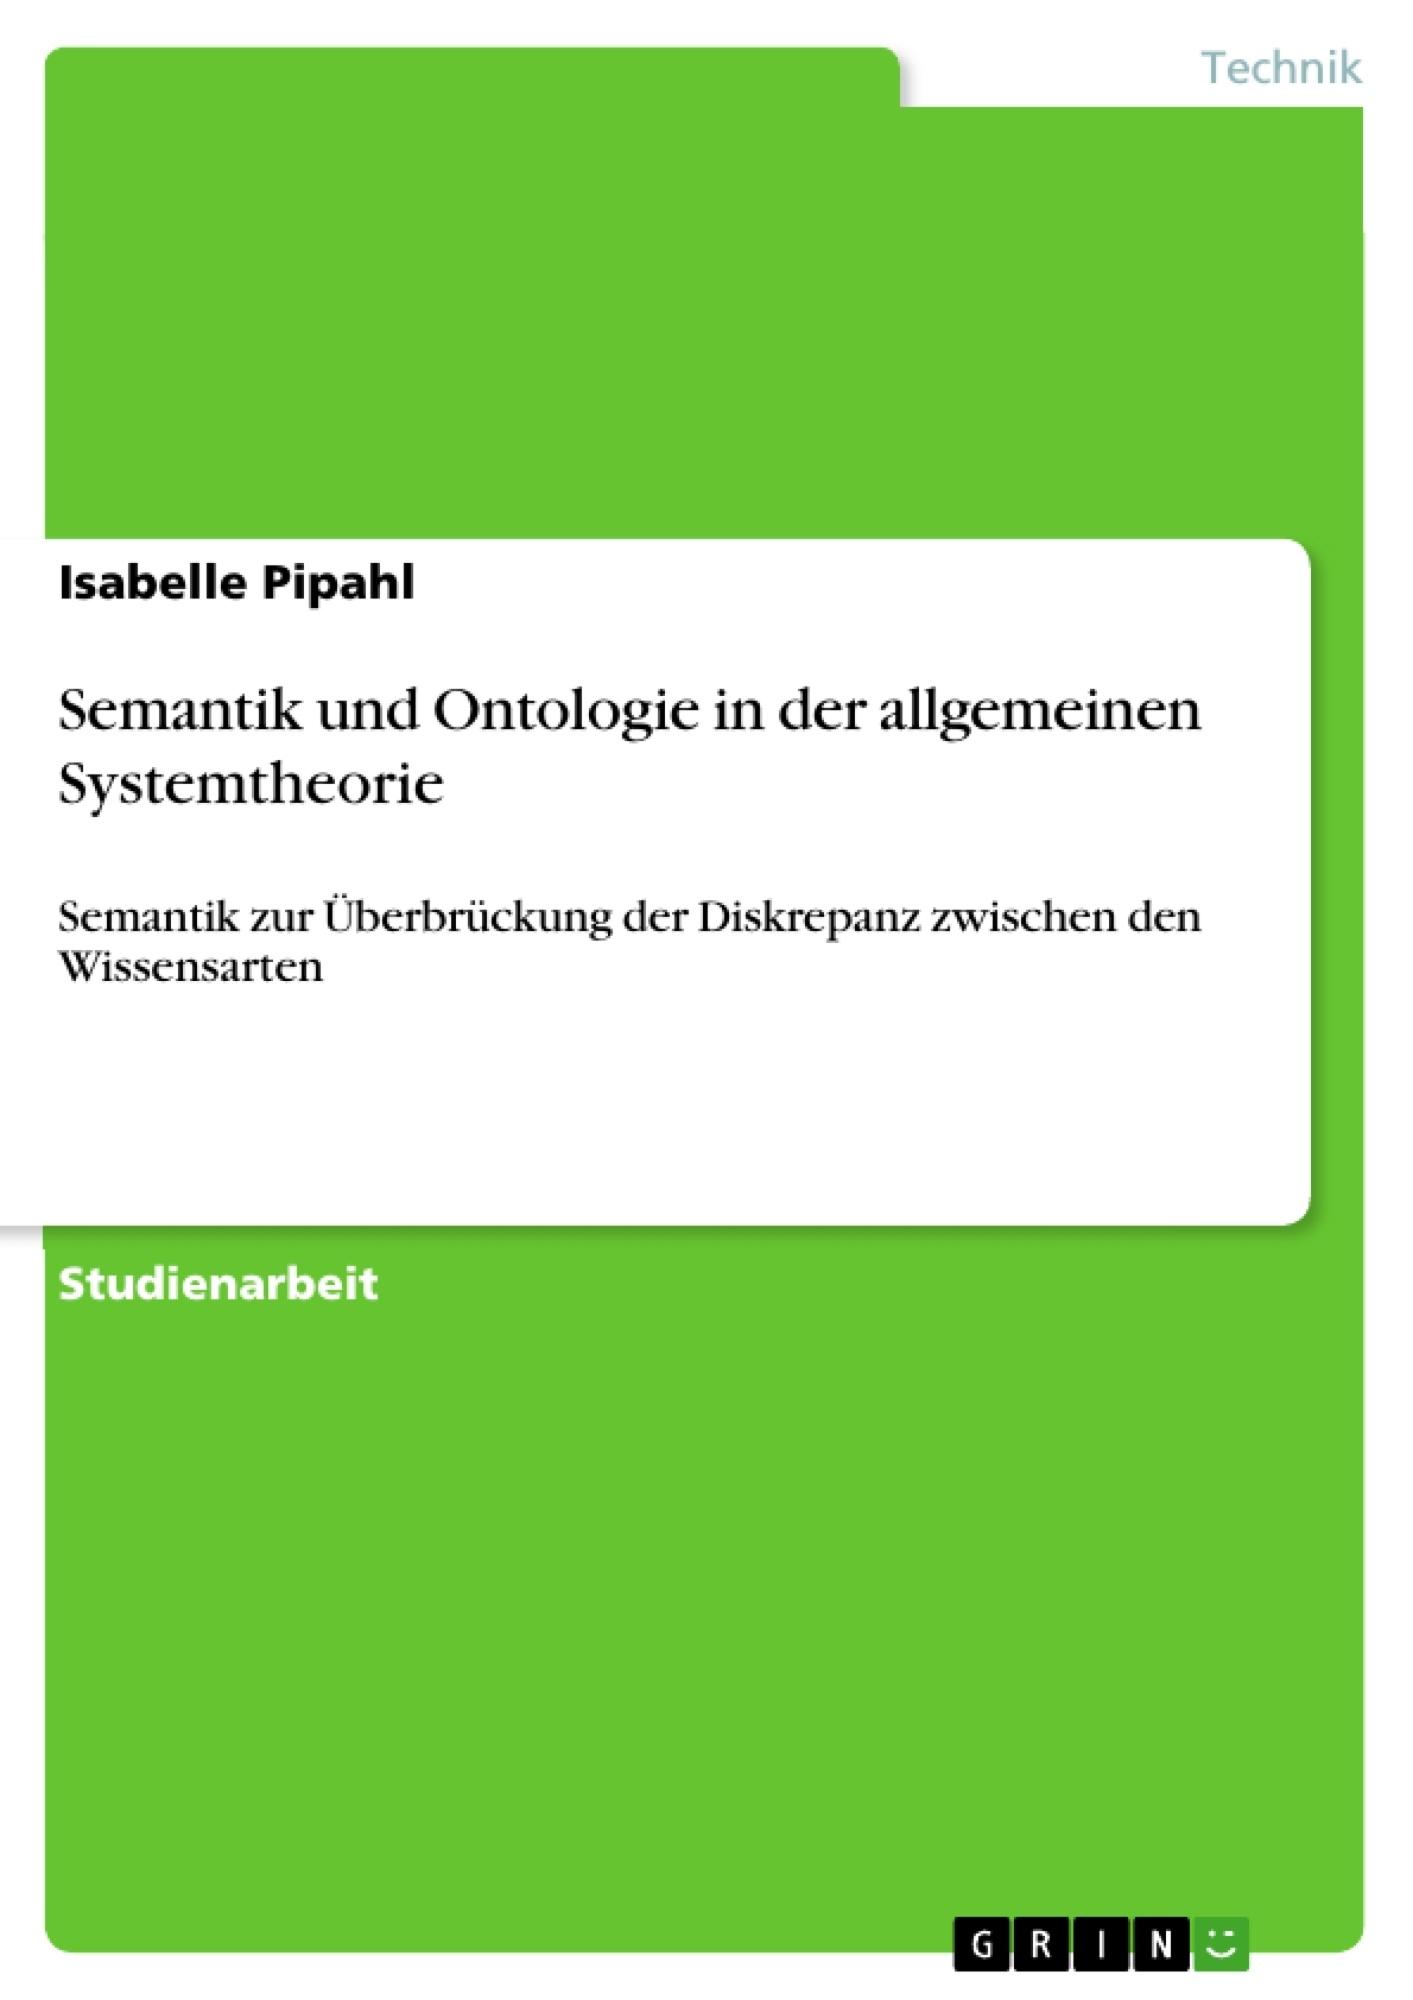 Titel: Semantik und Ontologie in der allgemeinen Systemtheorie